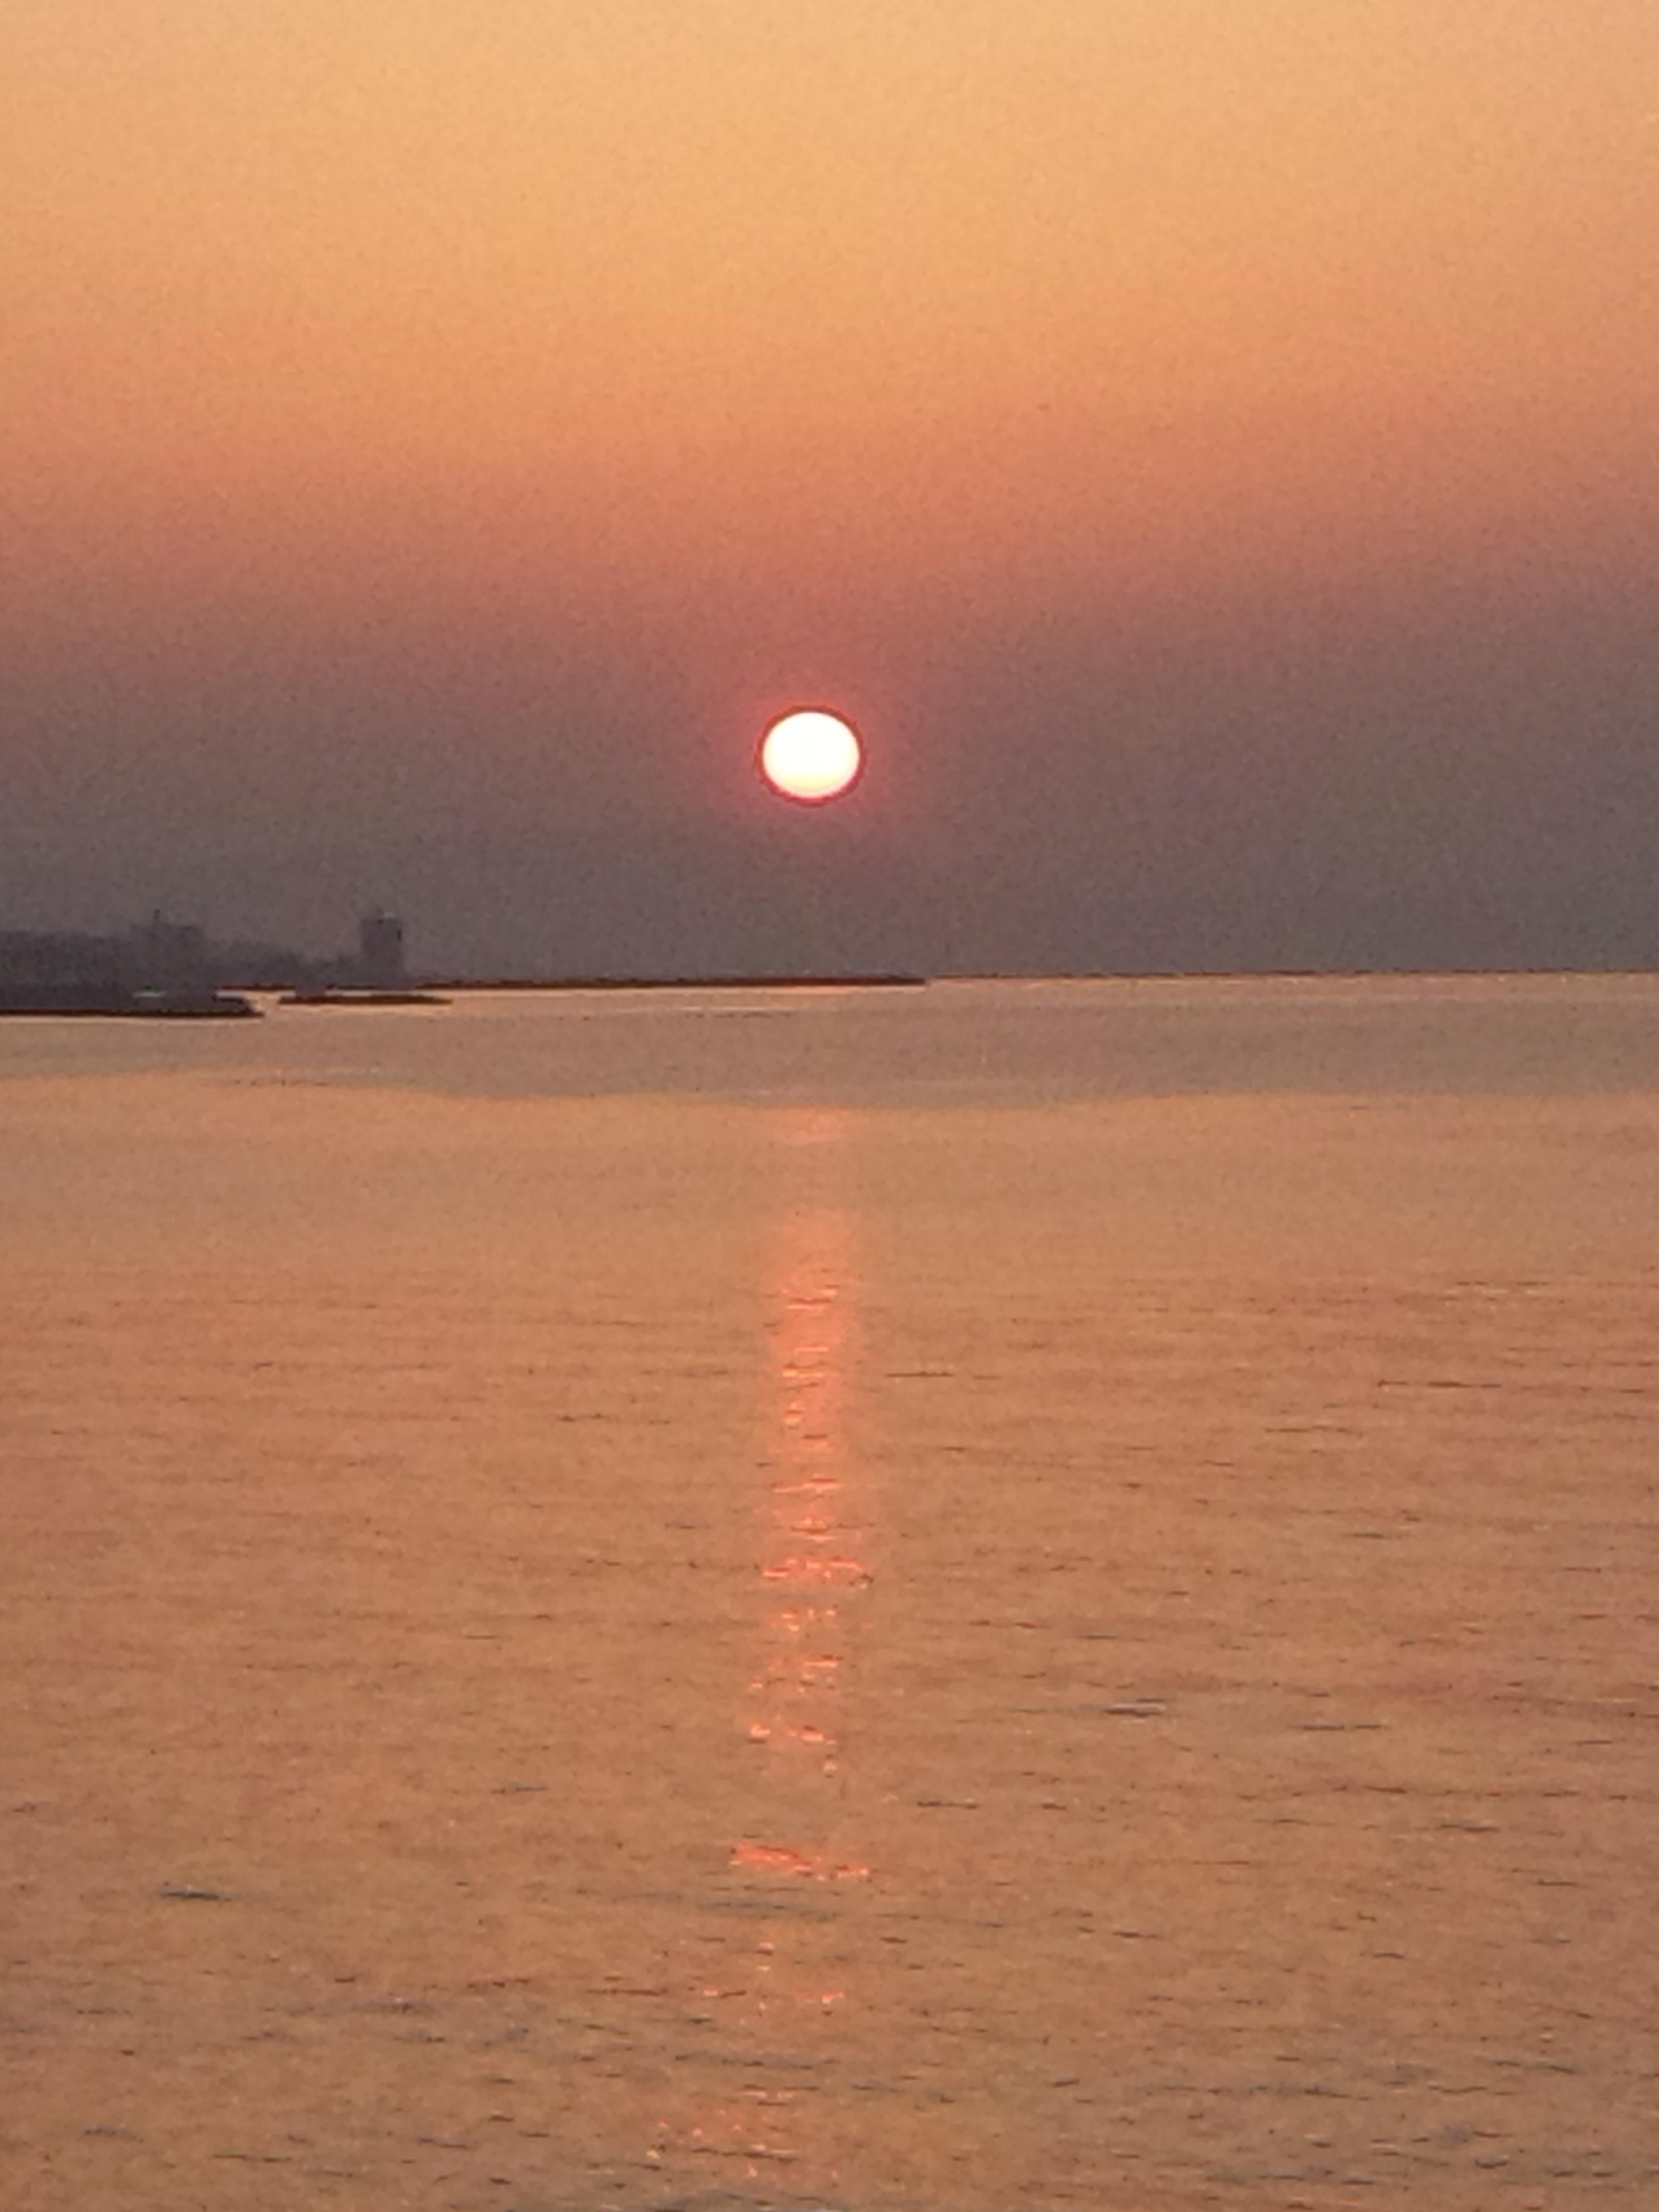 大きな夕日を見つけたので、とりあえず海へ 明日の報告会の準備が終わっていない